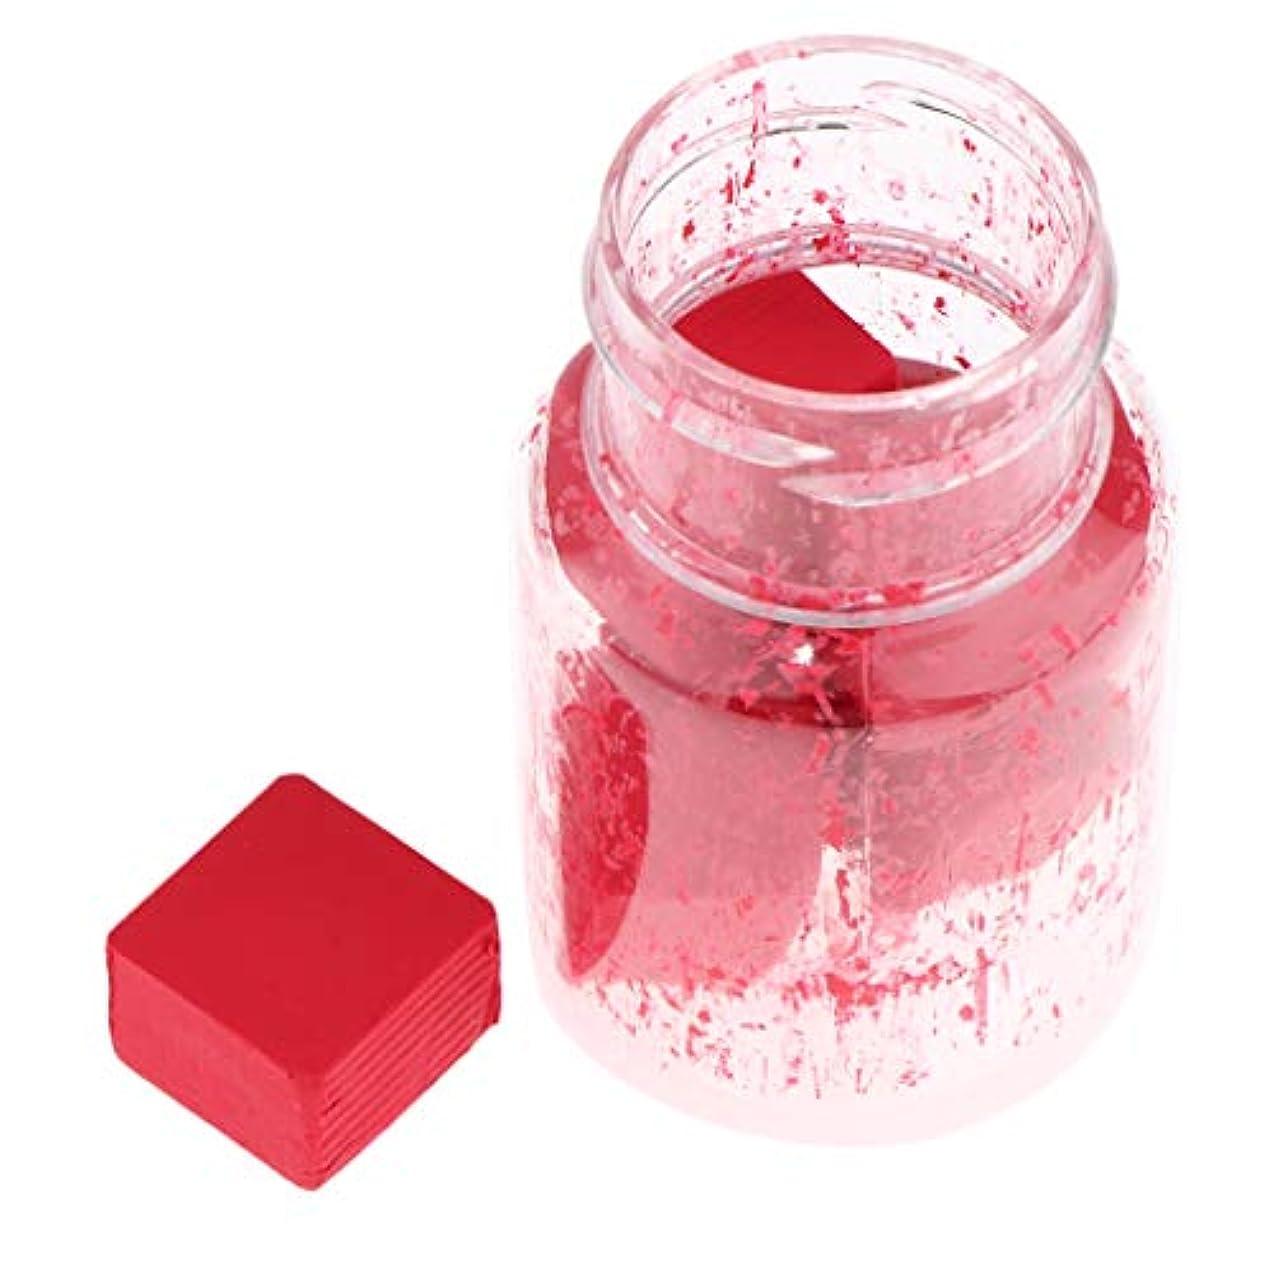 外交官どうやって三角DIY 口紅作り リップスティック材料 リップライナー顔料 2g DIY化粧品 9色選択でき - B